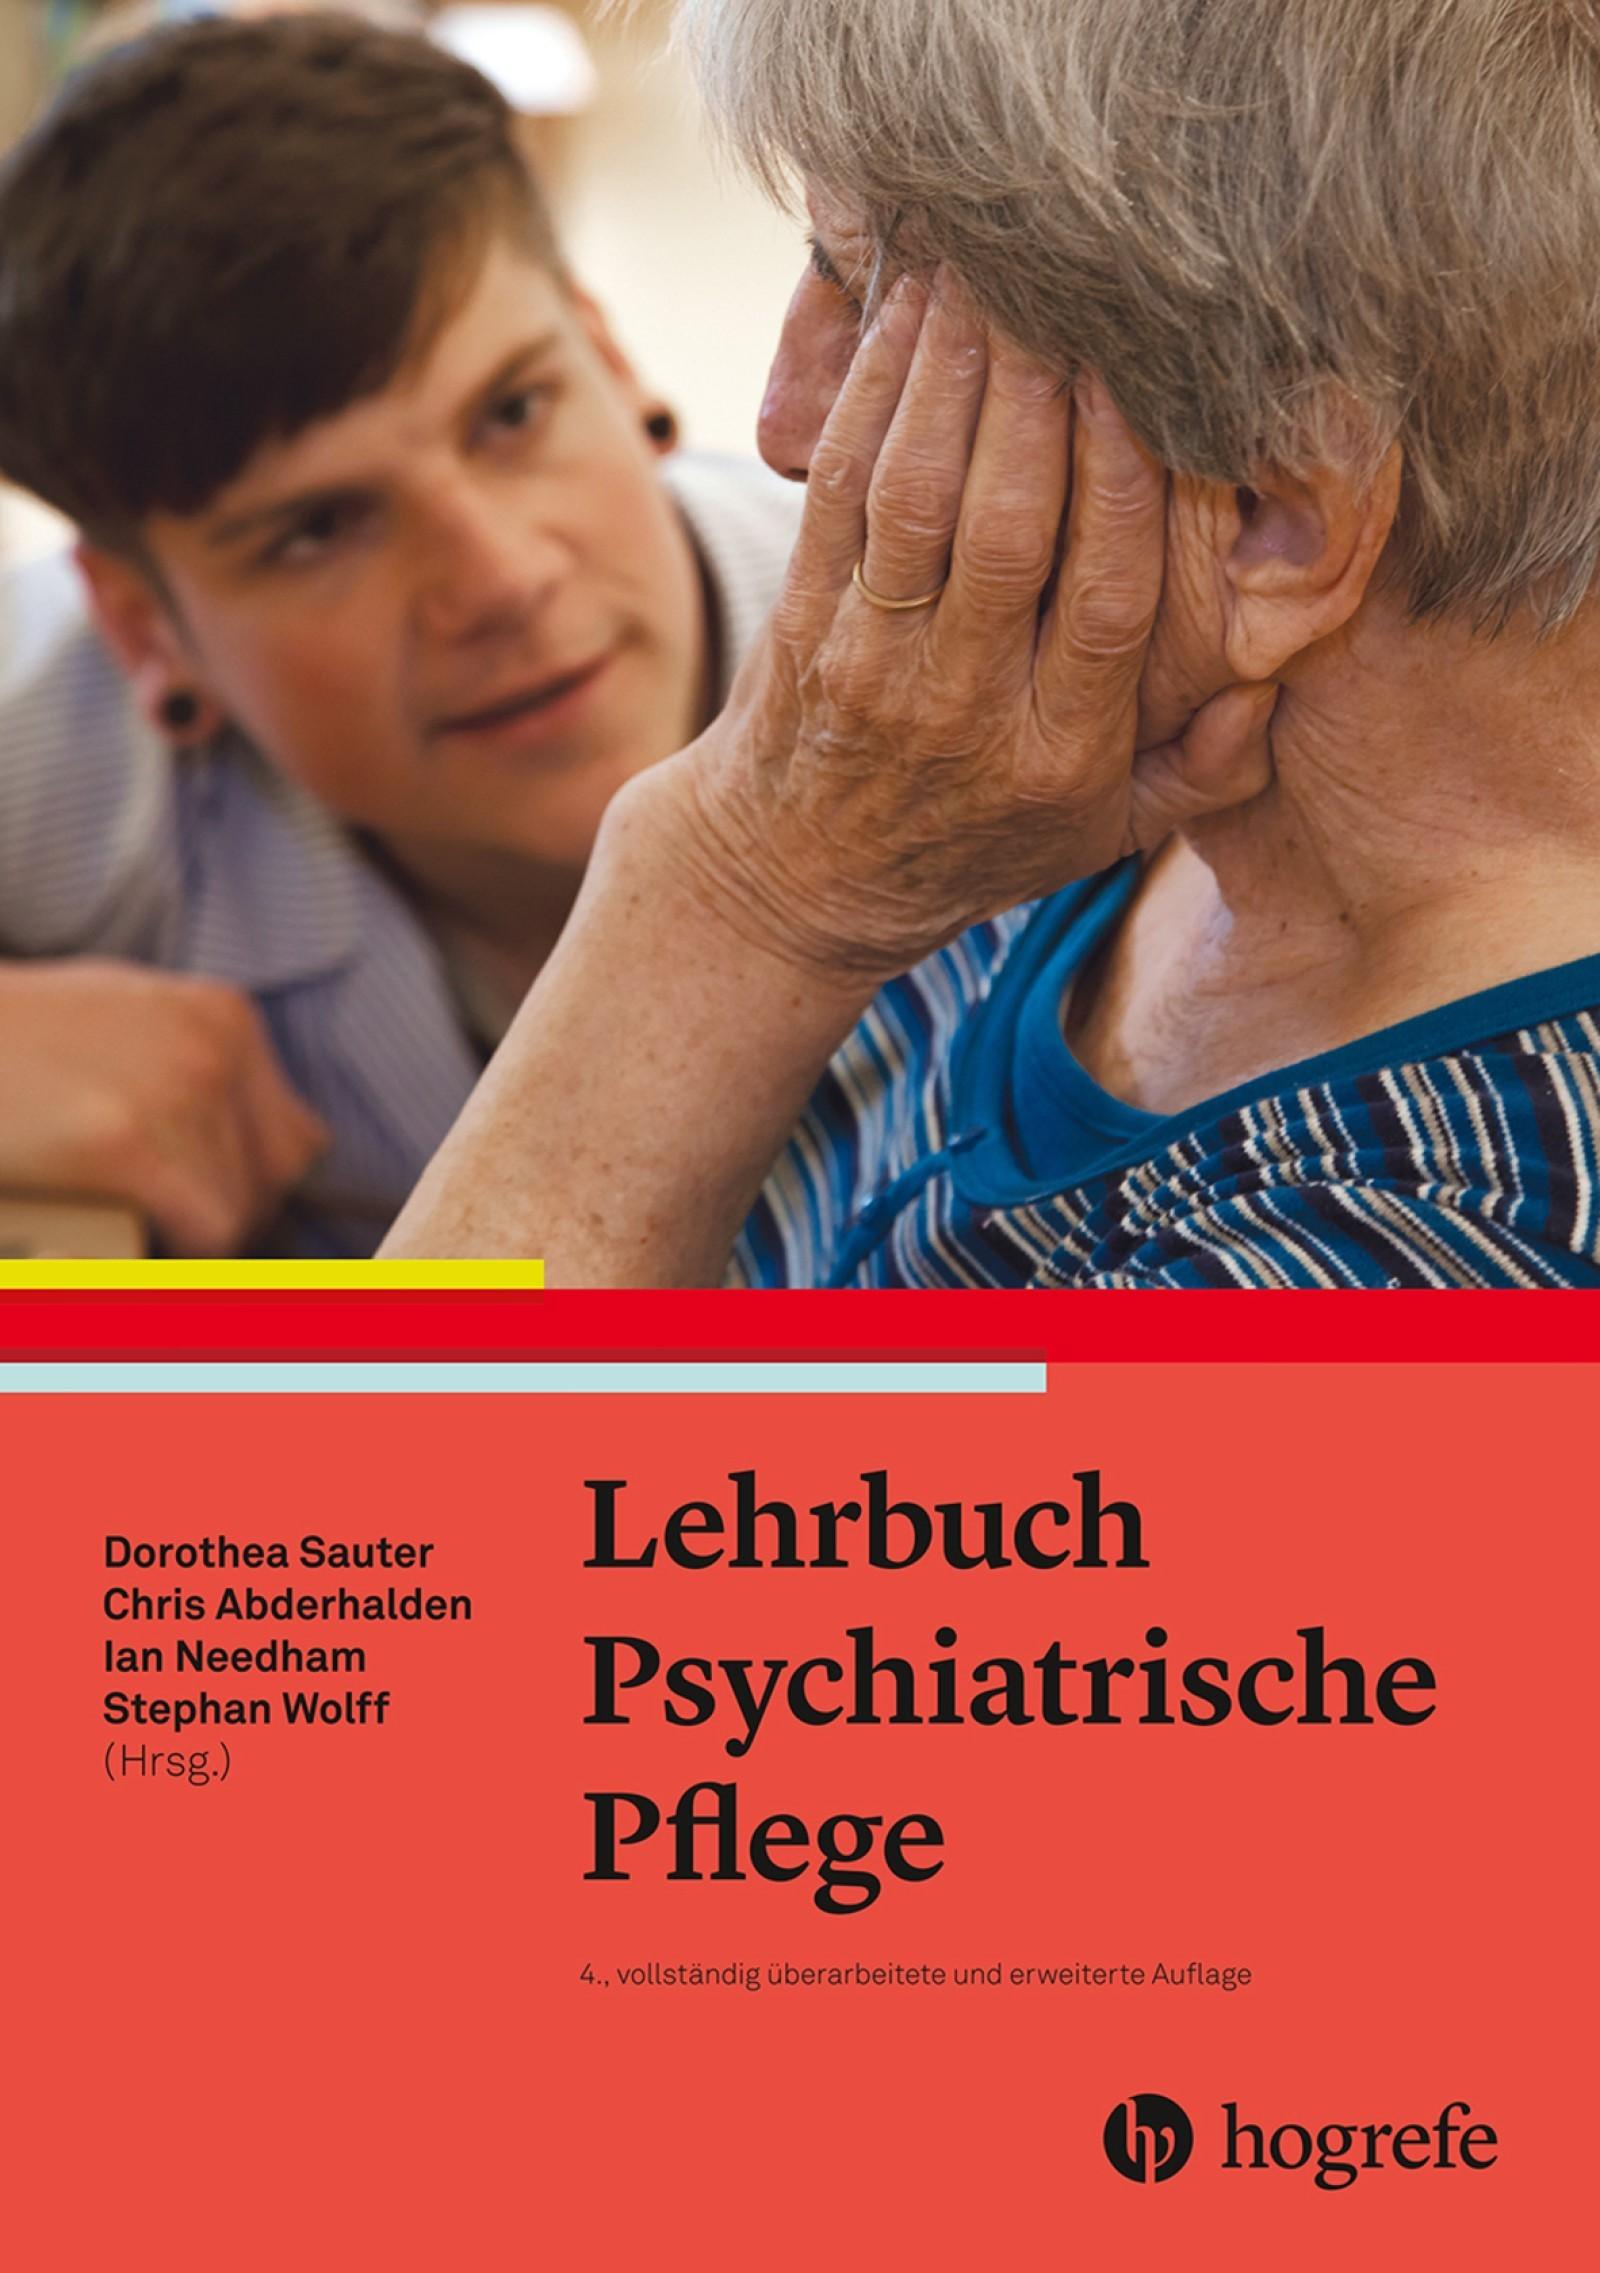 Lehrbuch Psychiatrische Pflege Sauter Needham Abderhalden